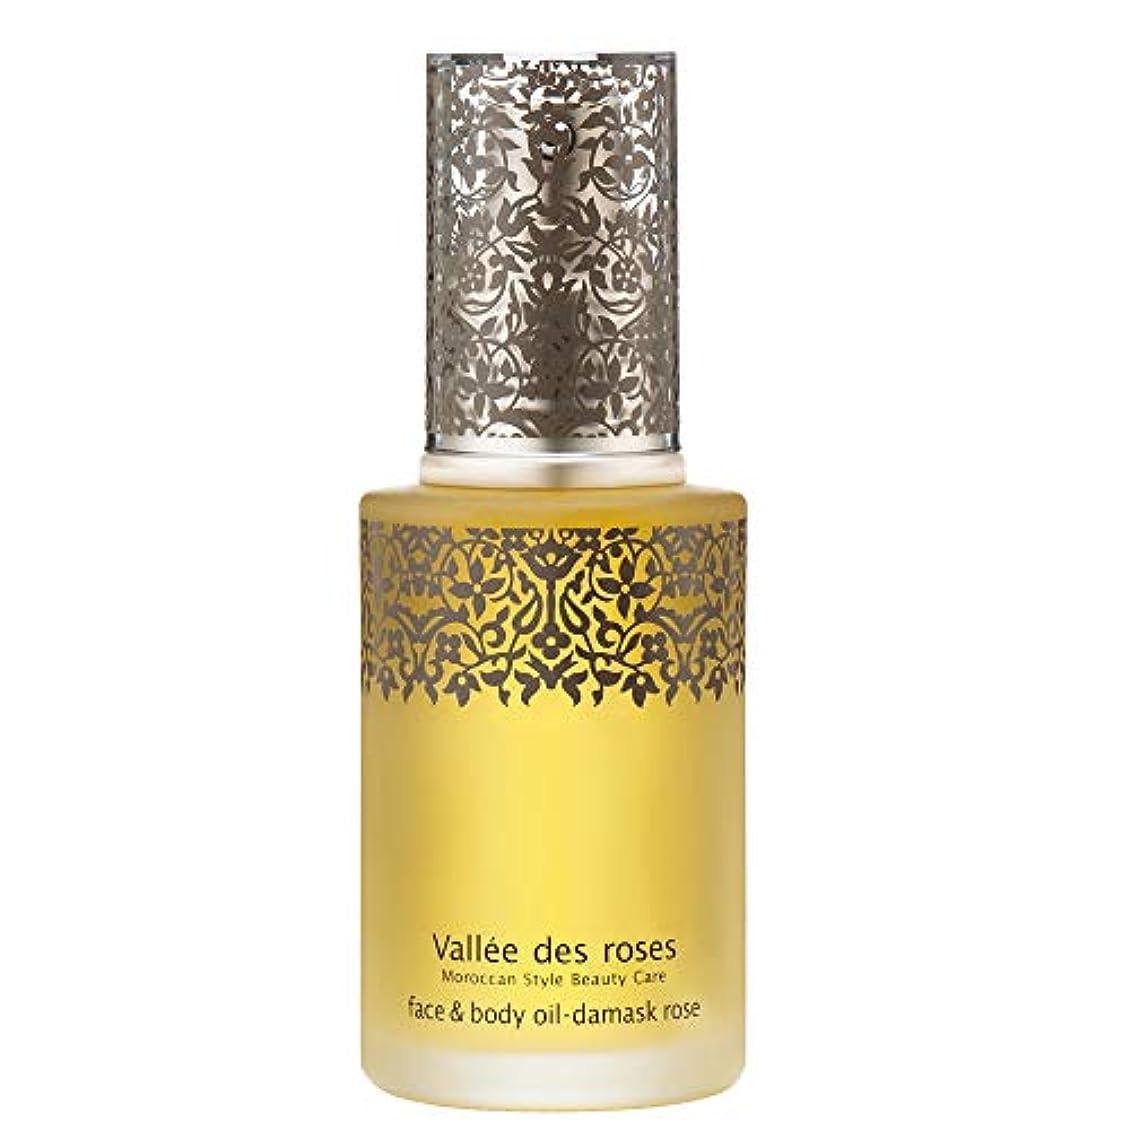 しないでください分類する懐ヴァレ ド ローズ(Vallée des roses) ヴァレ ド ローズ フェイス&ボディオイル 美容液 ローズ、ゼラニウム 60mL